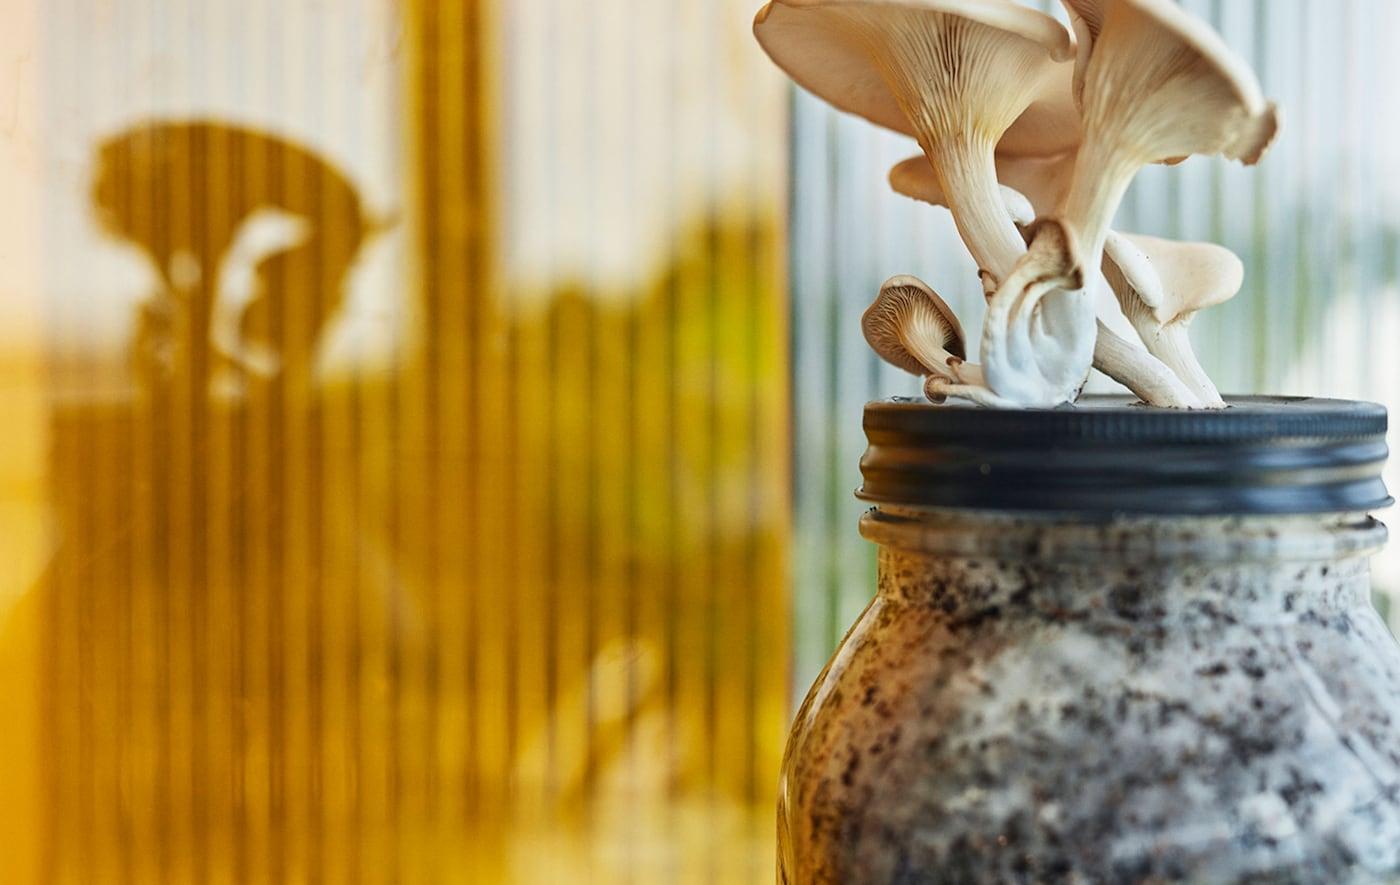 Une grappe de champignons poussant à travers le couvercle d'un bocal en verre rempli de mycélium et de marc de café.